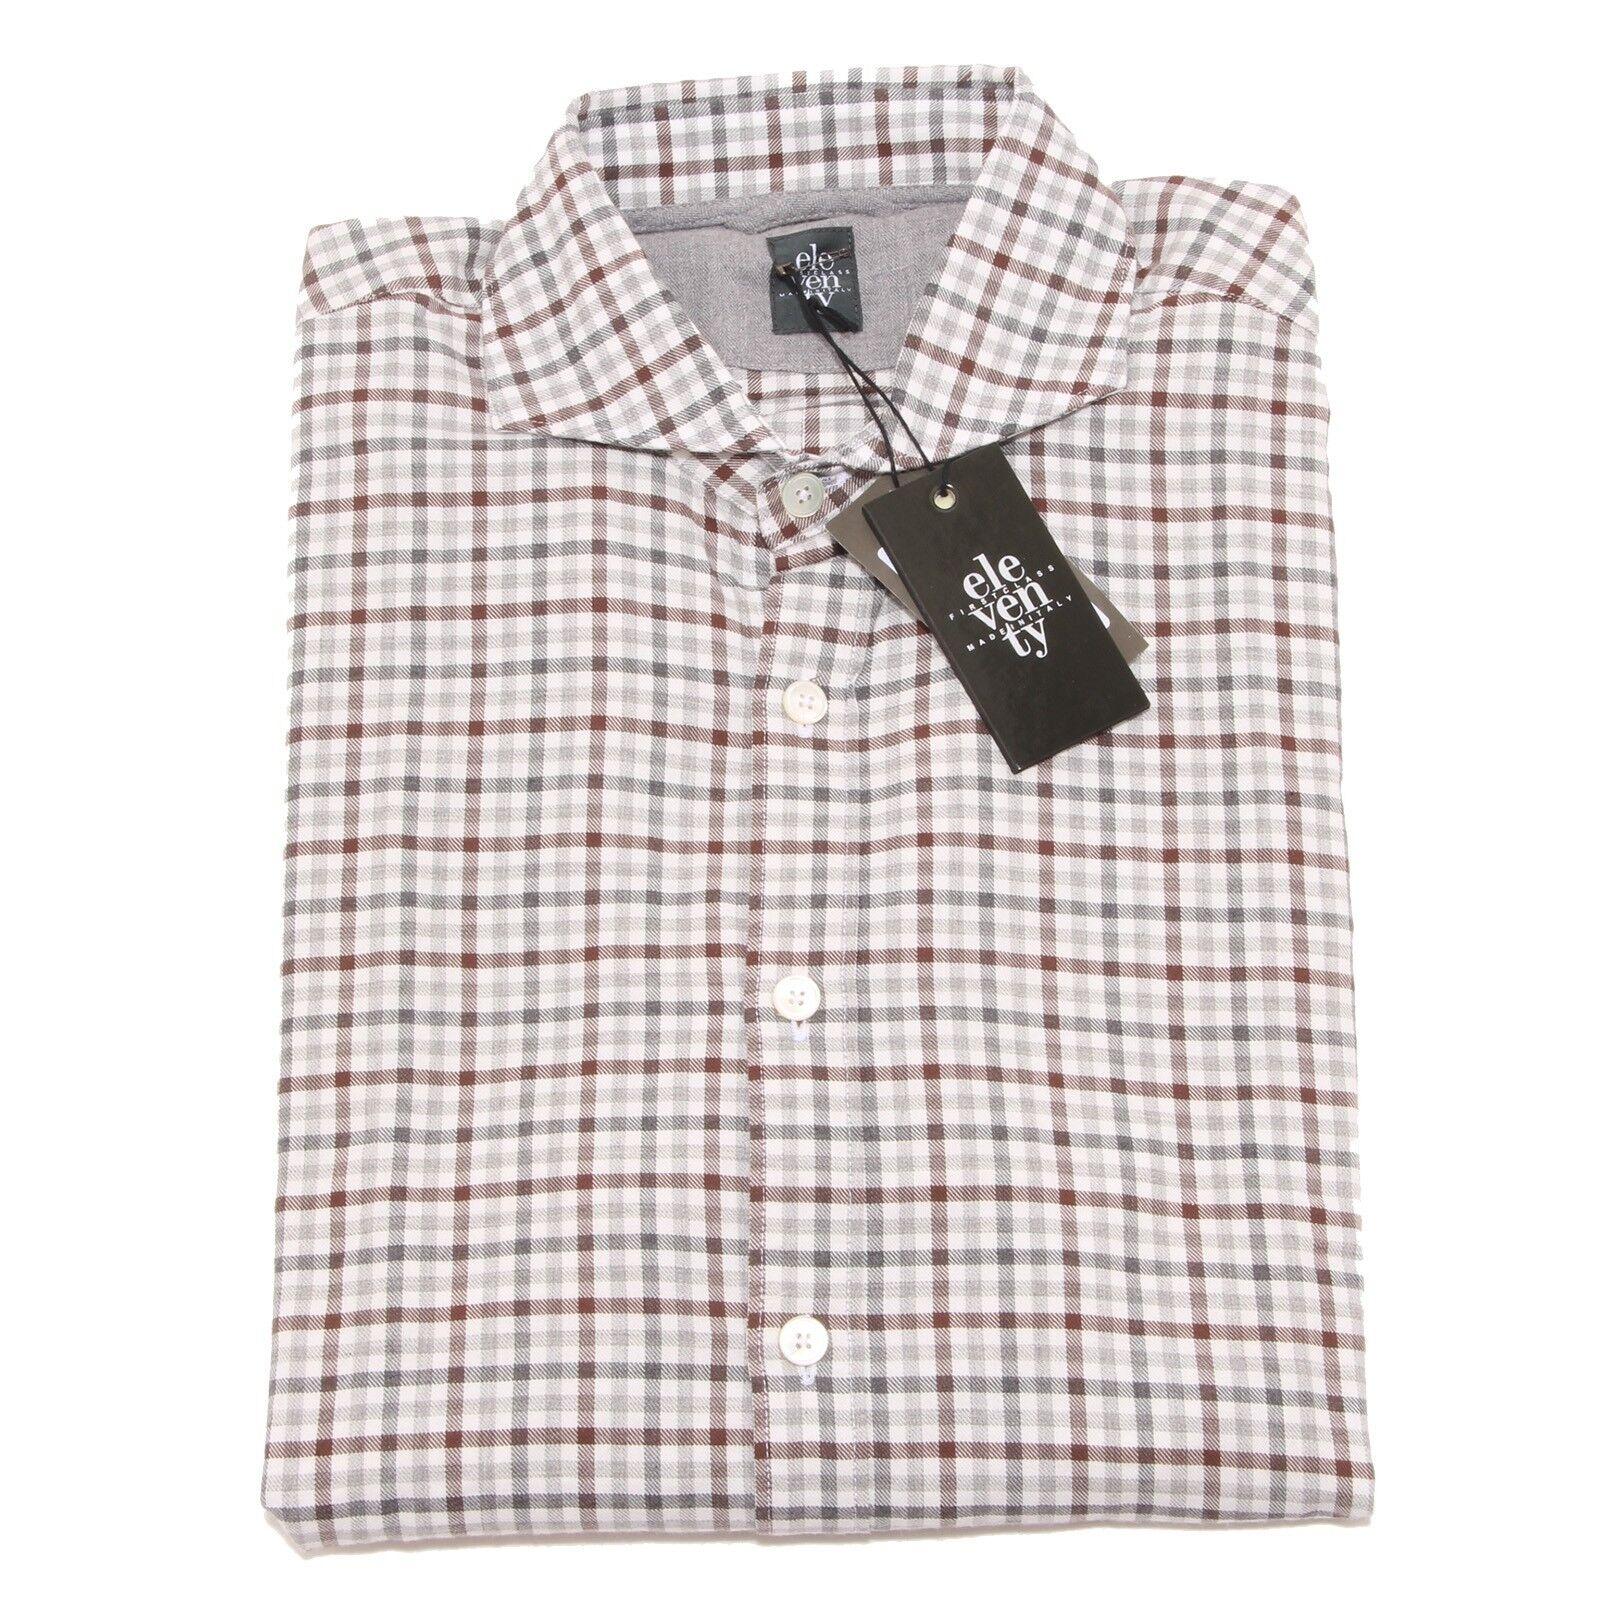 2437P camicia ELEVENTY MANICA LUNGA camicie uomo shirt men